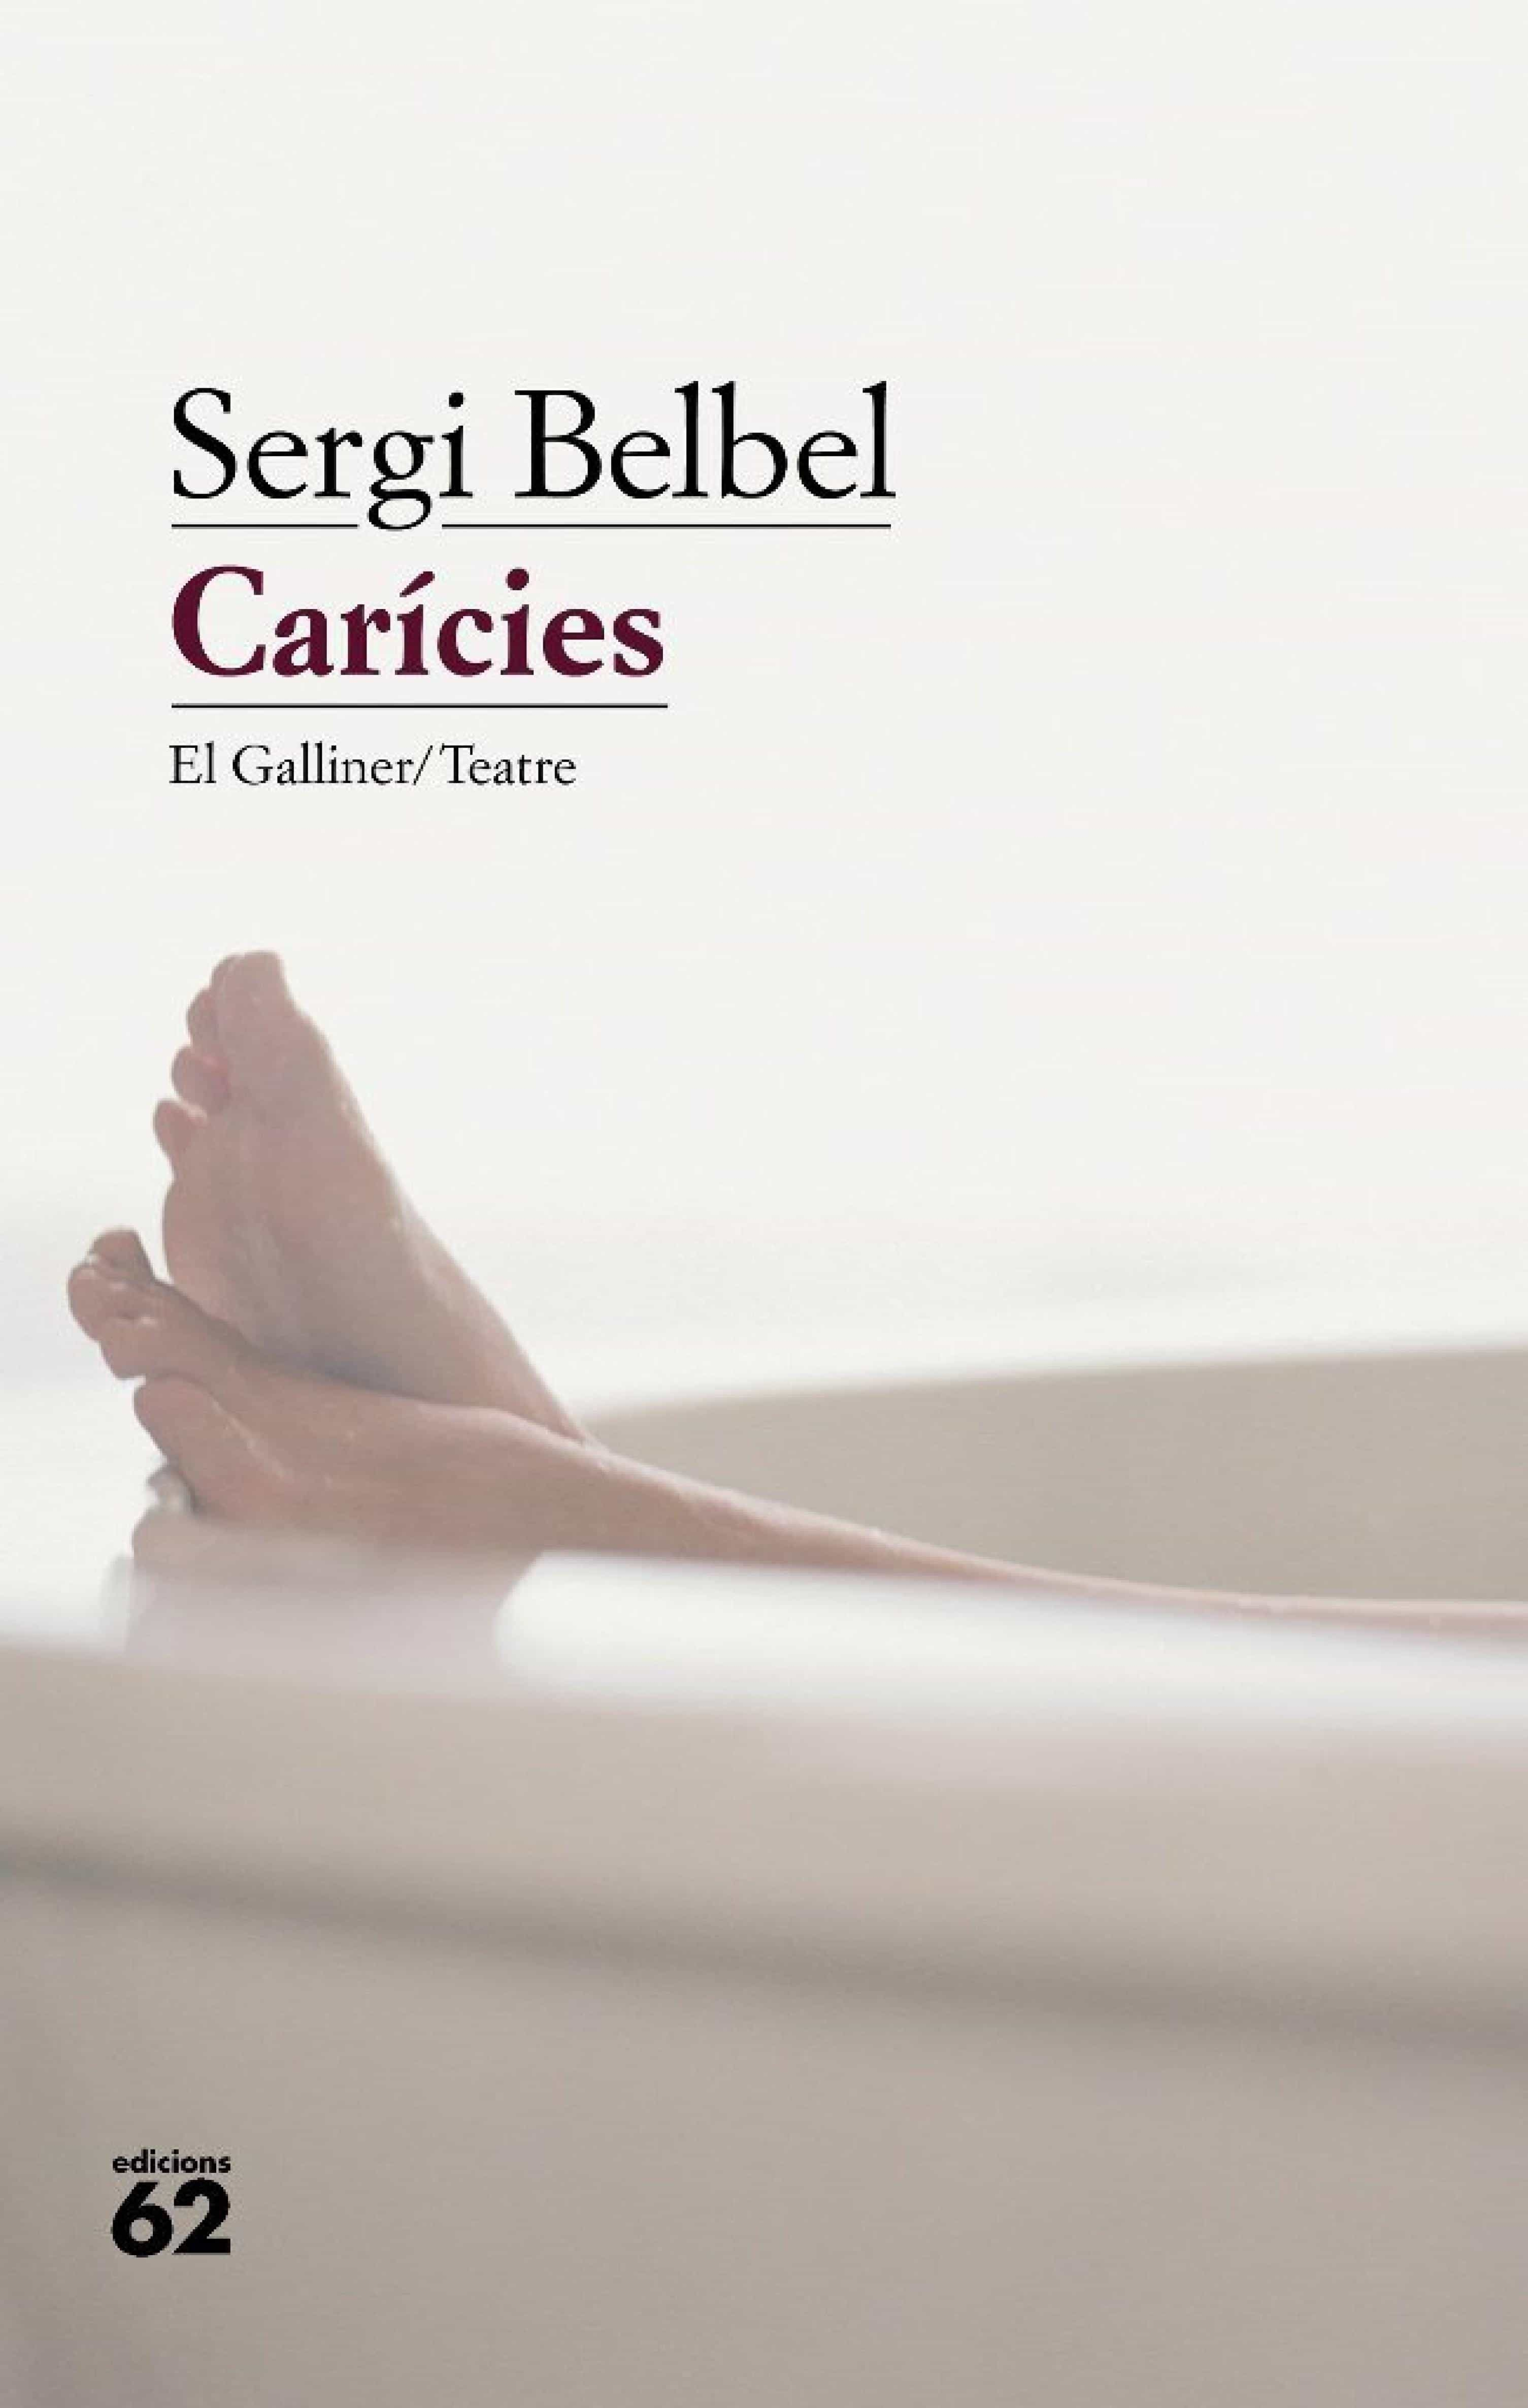 caricias sergi belbel